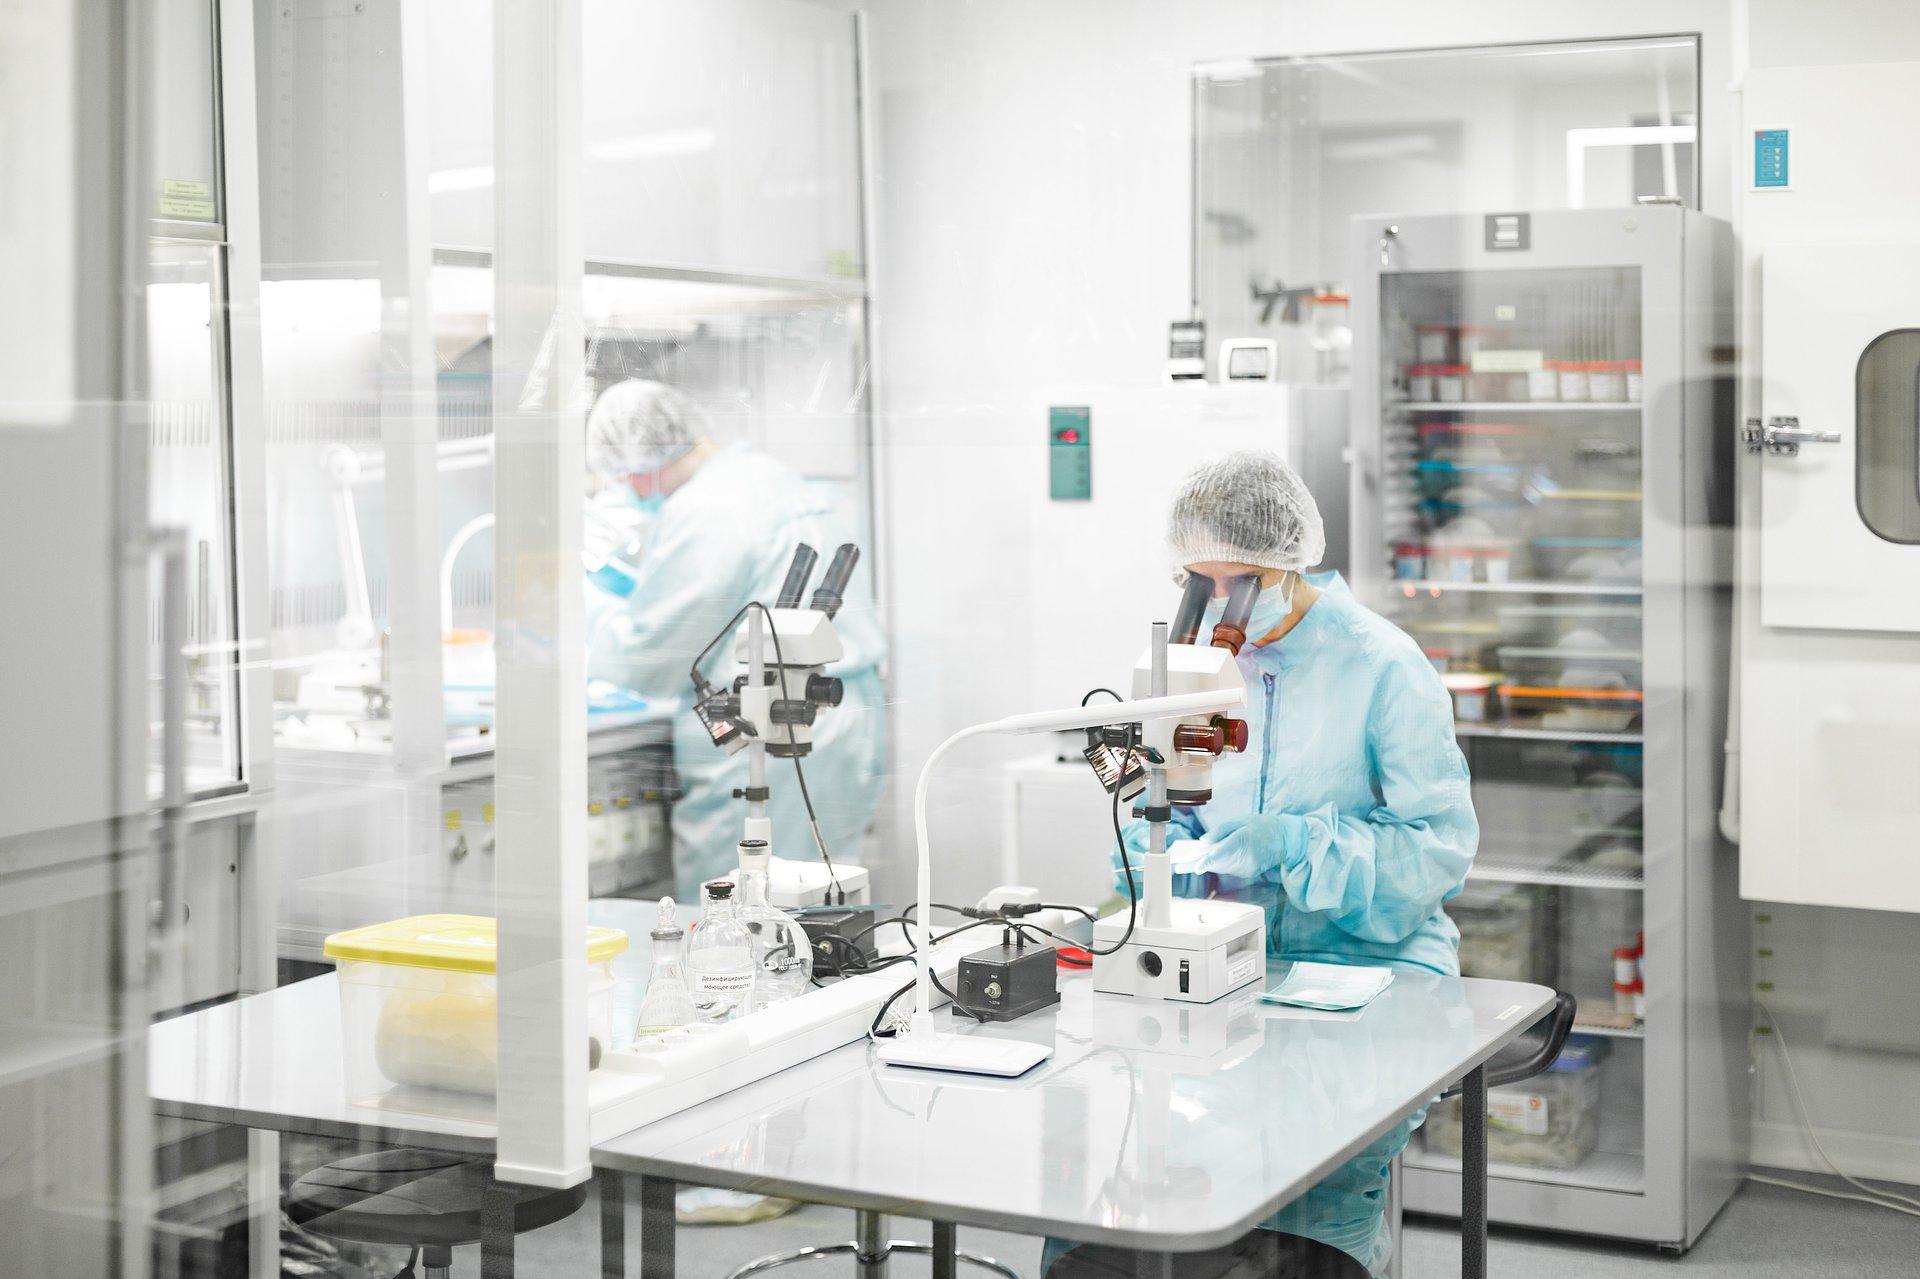 EMA o bezpieczeństwie szczepionek przeciw COVID-19 i terapii genowej Zynteglo